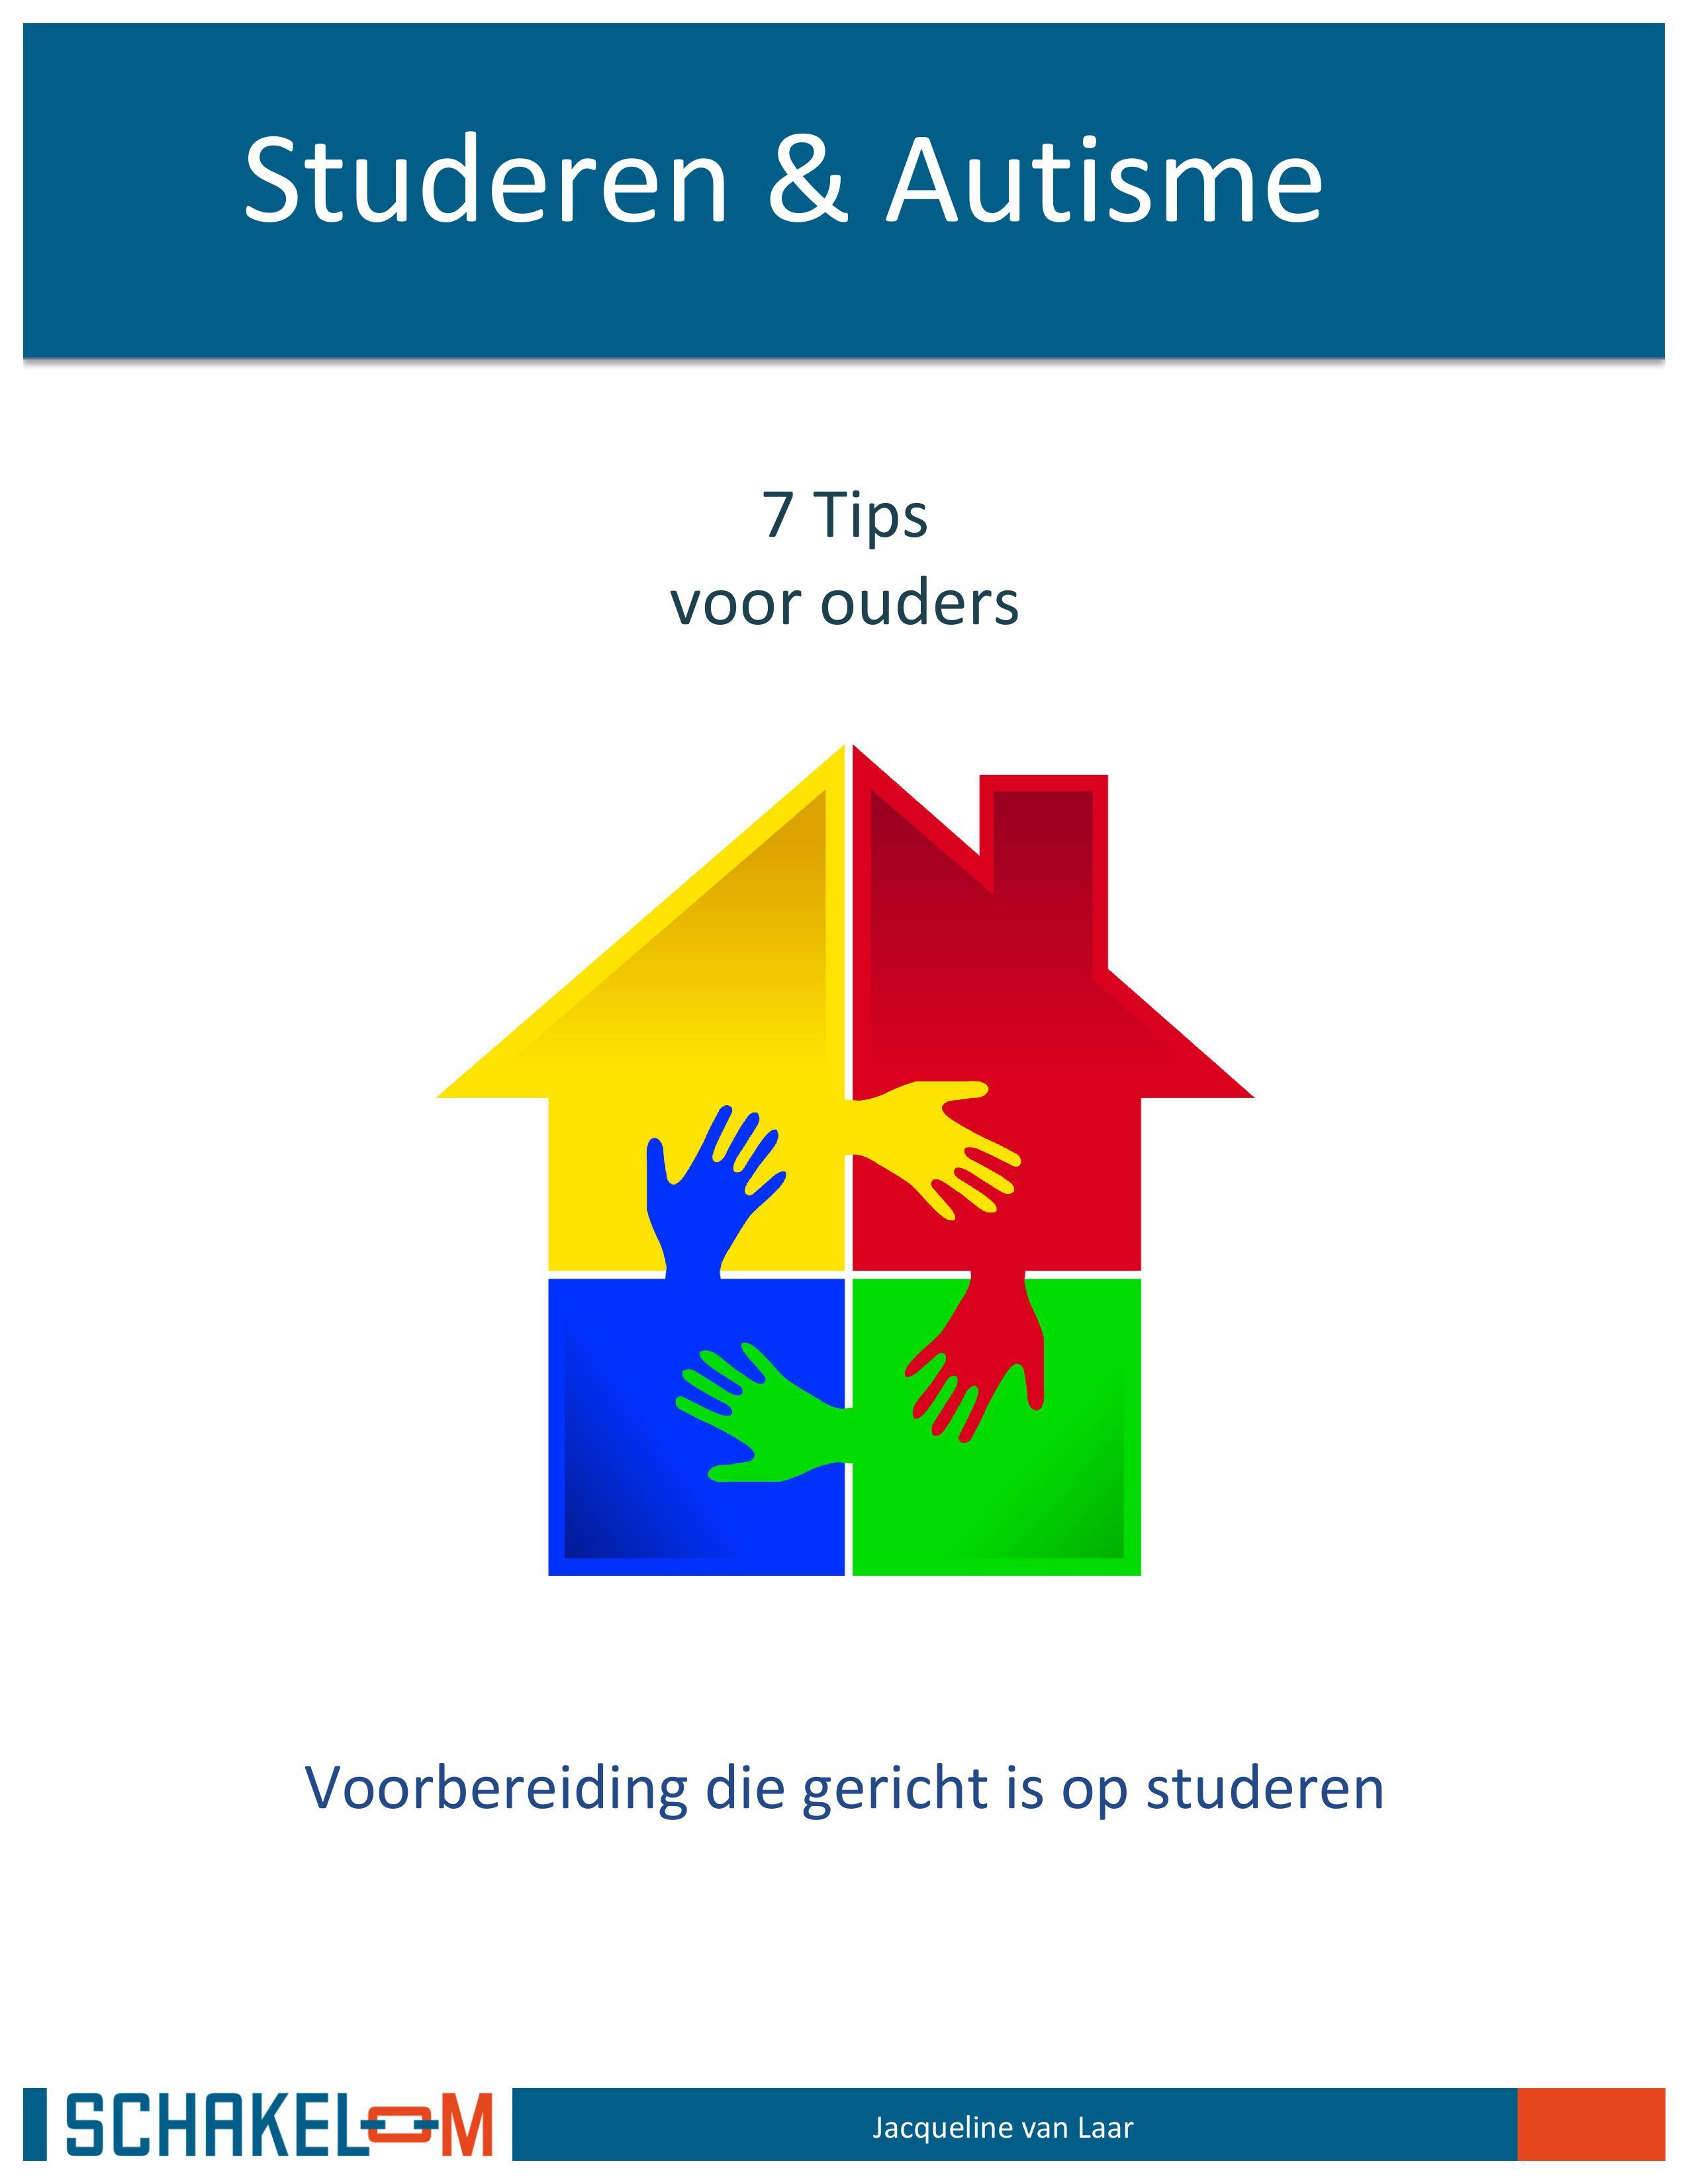 Studeren & Autisme, Tips voor ouders